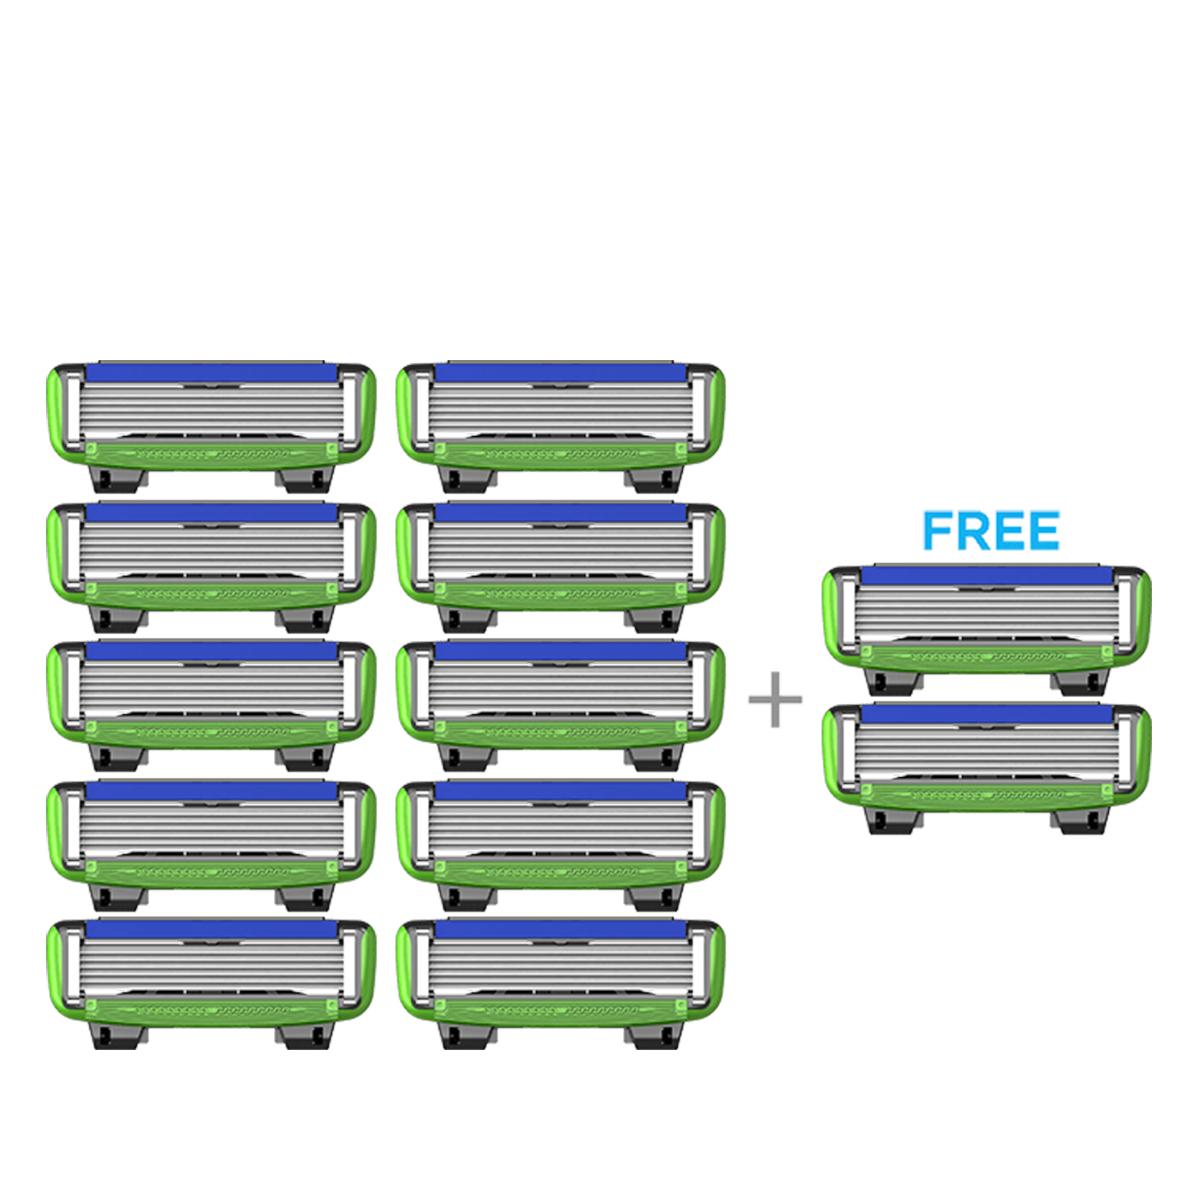 LetsShave | LetsShave Pro 6 Sensitive Shaving Blades - Pack of 10 + 2 Razor Blades Free